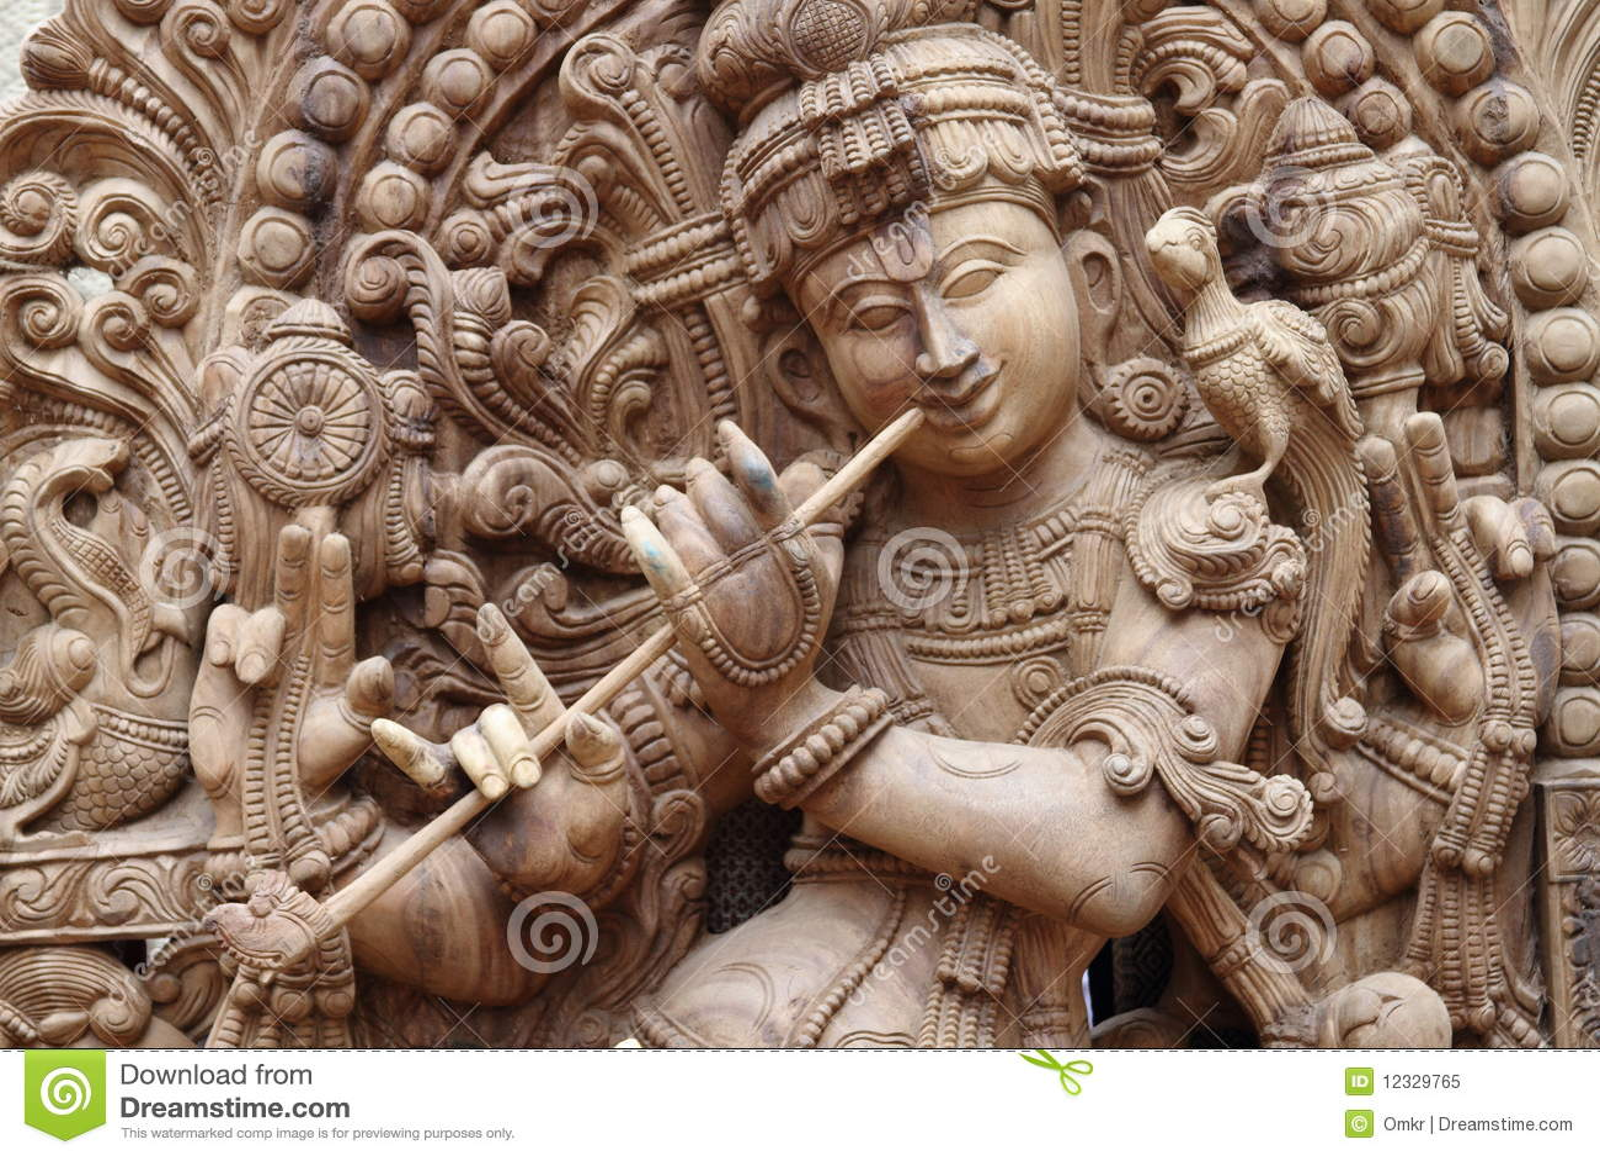 Idol von Lord krishna